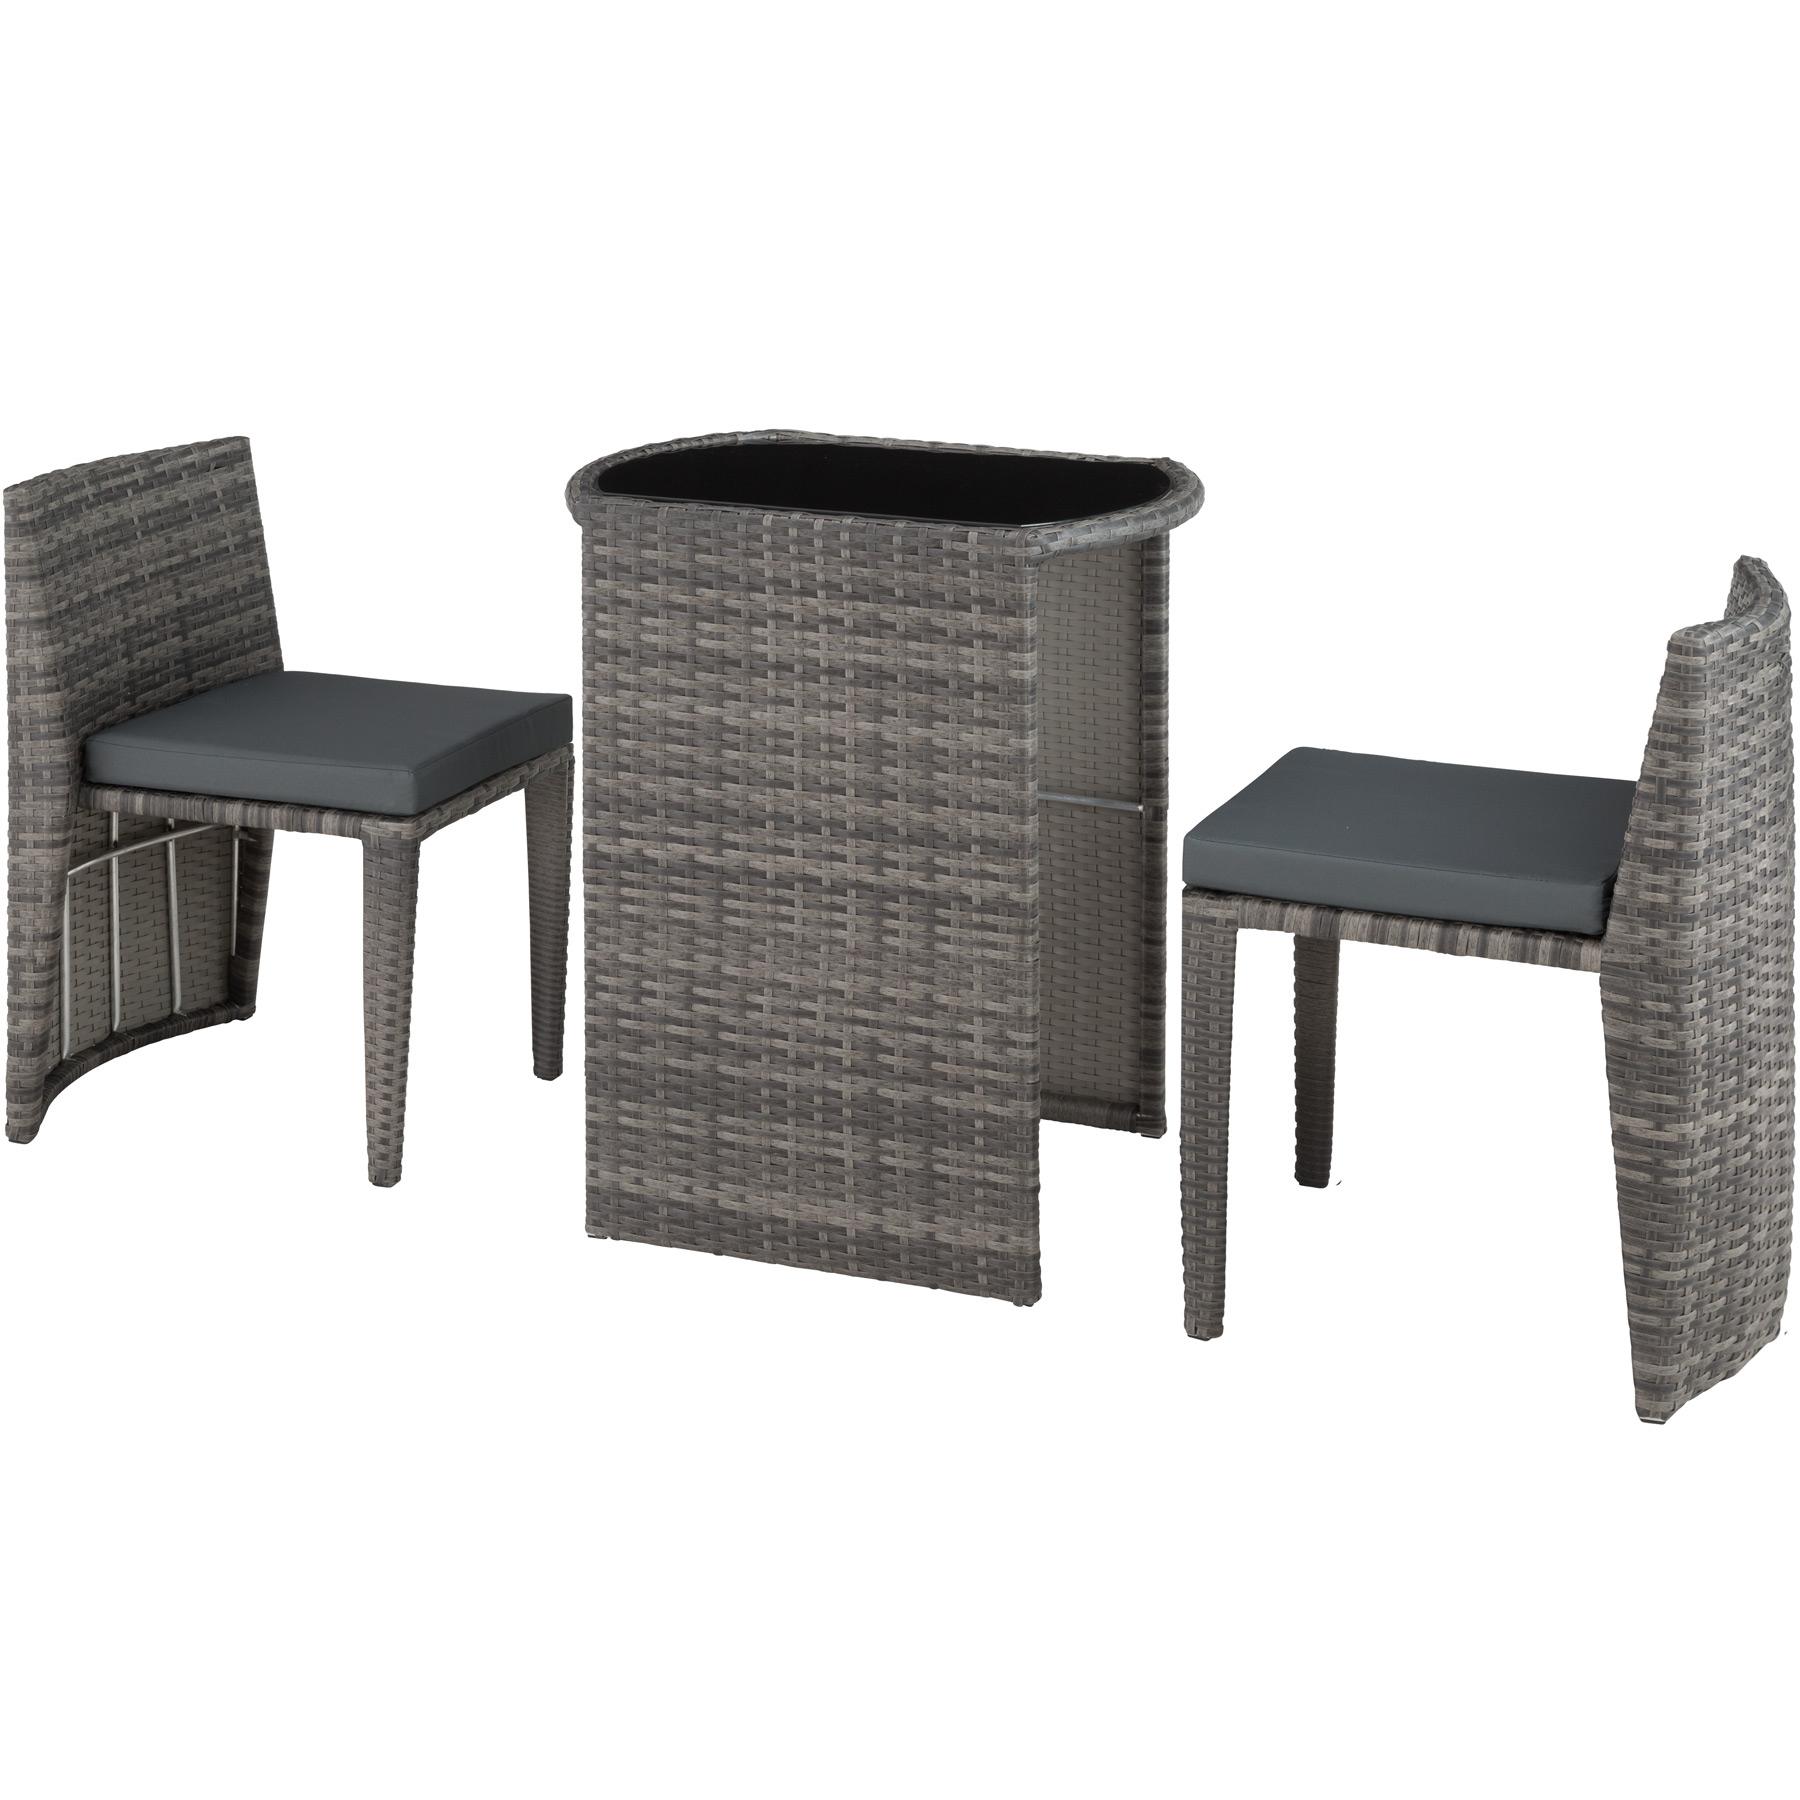 Détails Sur Salon De Jardin Résine Tressée 2 Personnes Mobilier Encastrable  Chaises Table destiné Salon De Jardin Tressé Encastrable